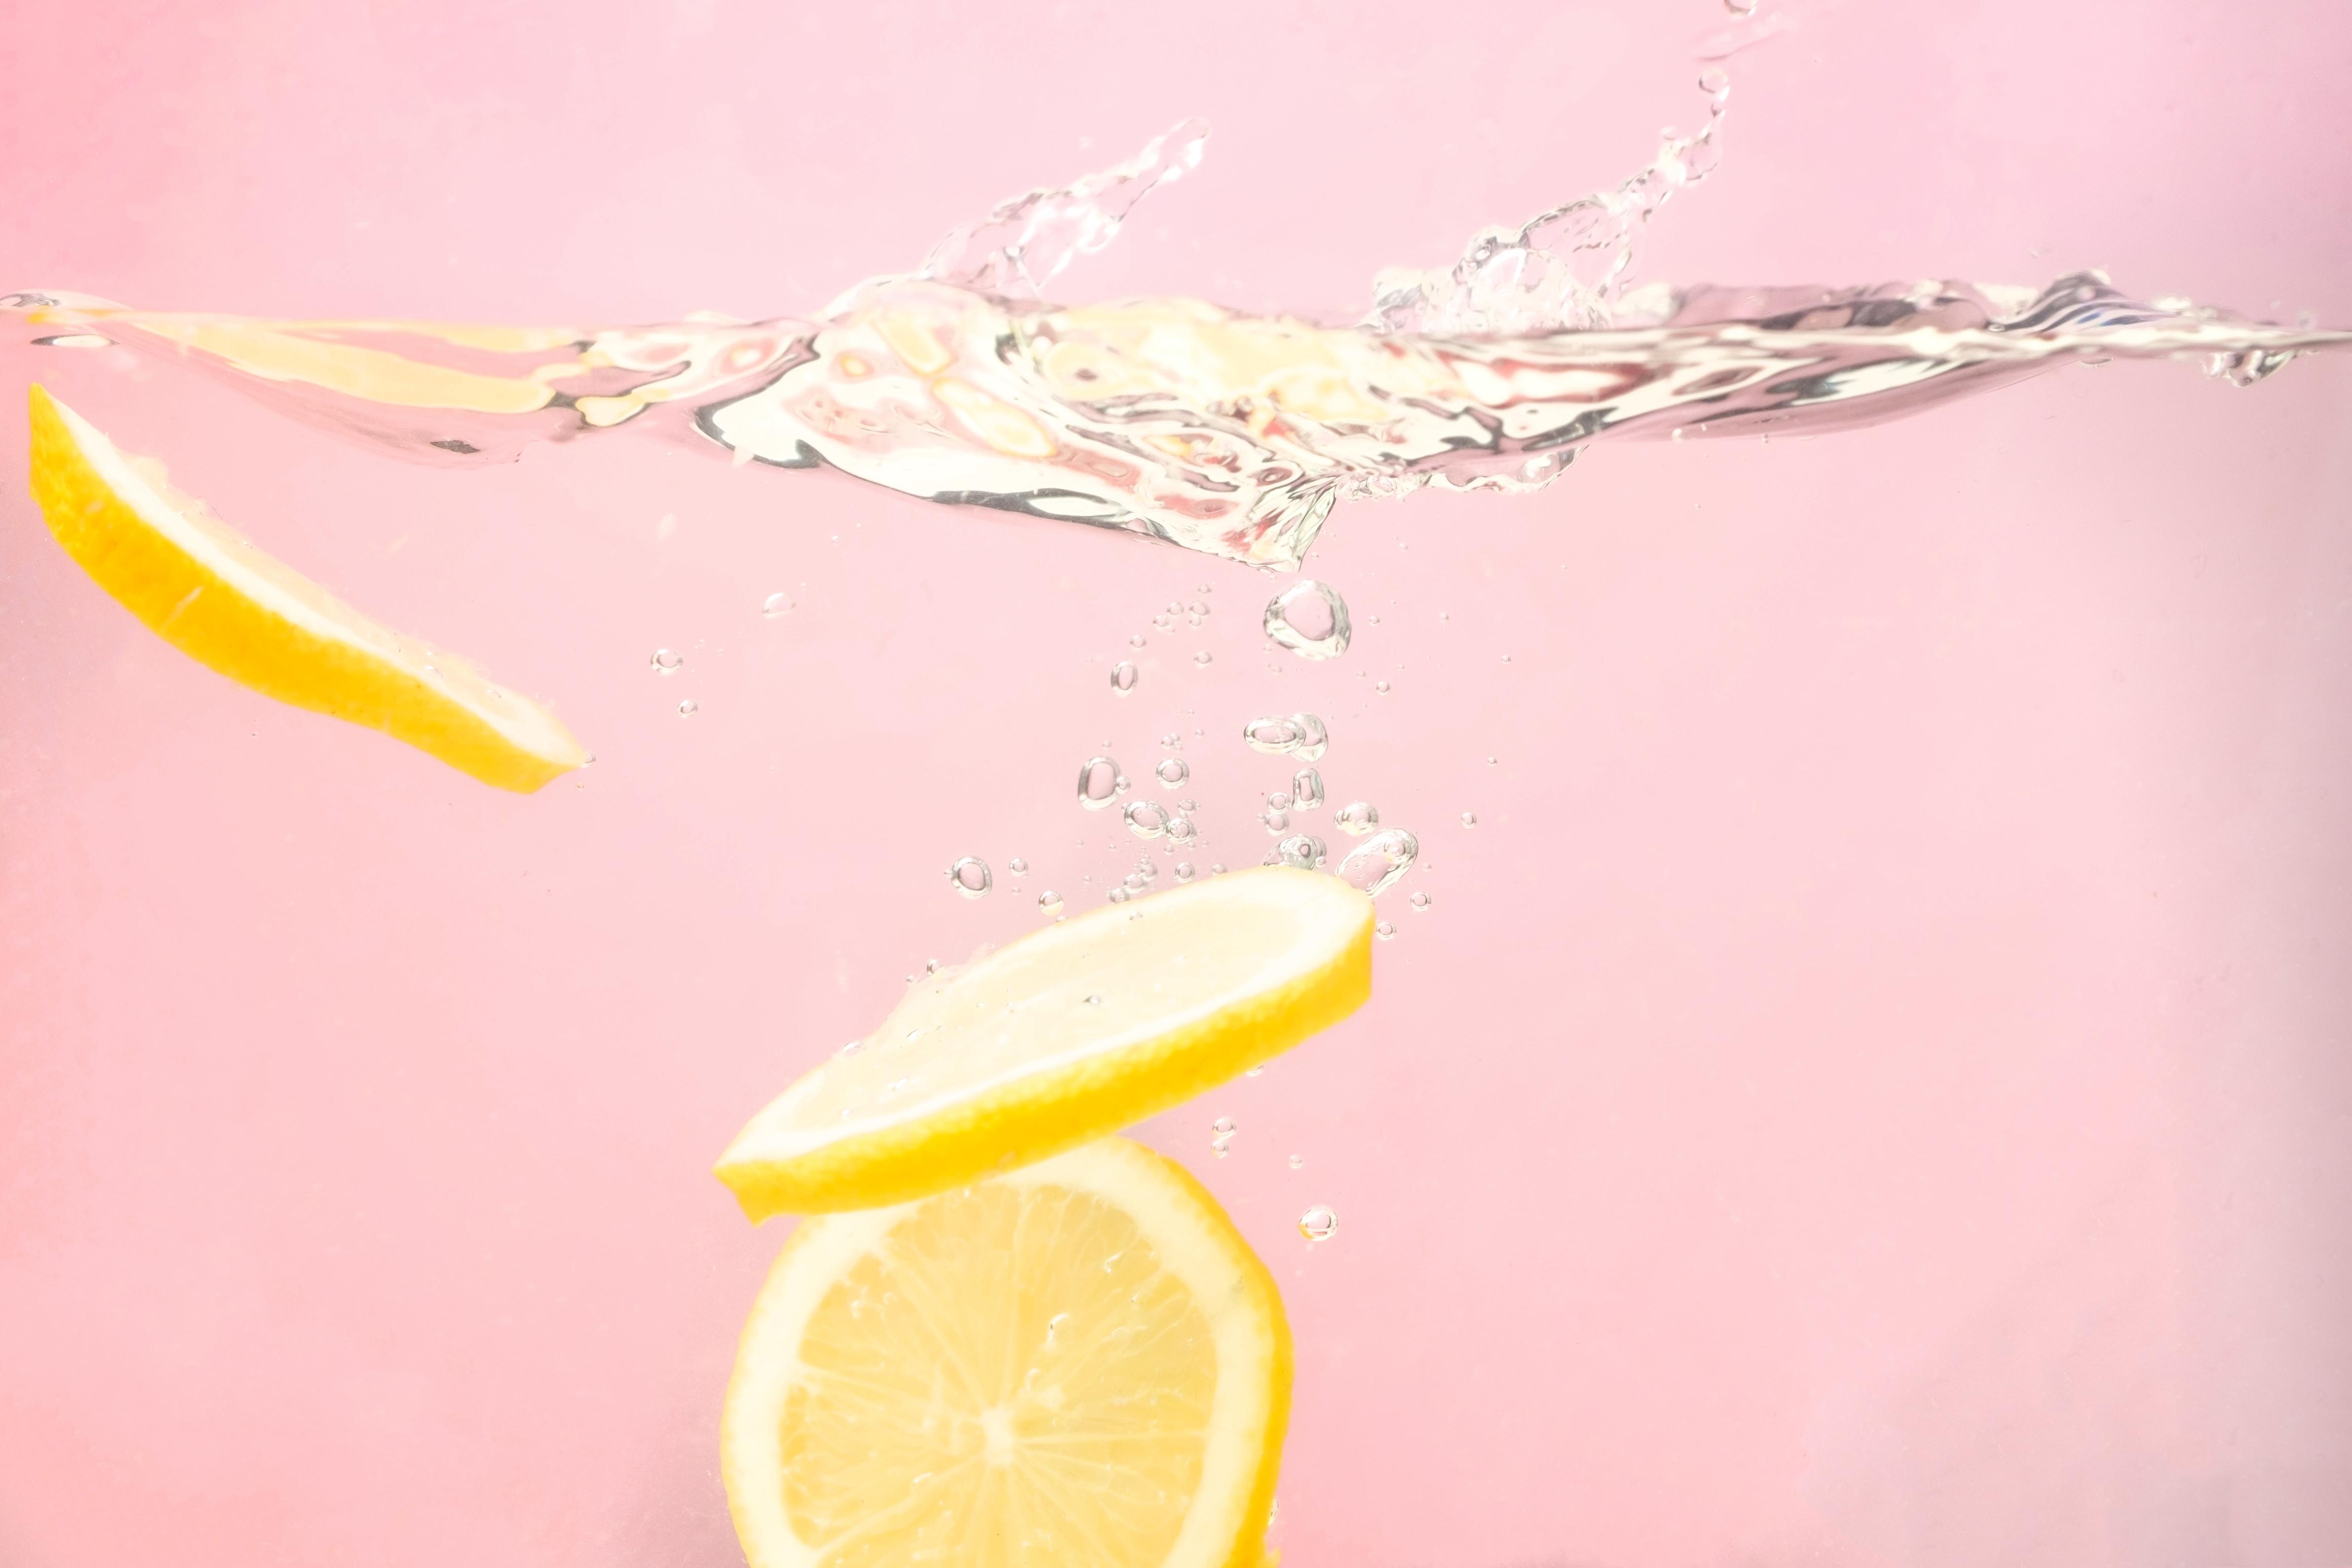 <p><strong>Розова вода&nbsp;</strong><br /> Розовата вода успокоява различни кожни раздразнения и затова е идеална при слънчево изгаряне. В летния сезон можете да държите шишенце в хладилника и да нанасяте розовата вода охладена. Тя ще успокои мигновено кожата и ще намали болката и зачервяванията от изгарянето, оставяйки кожата мека и красива.</p>